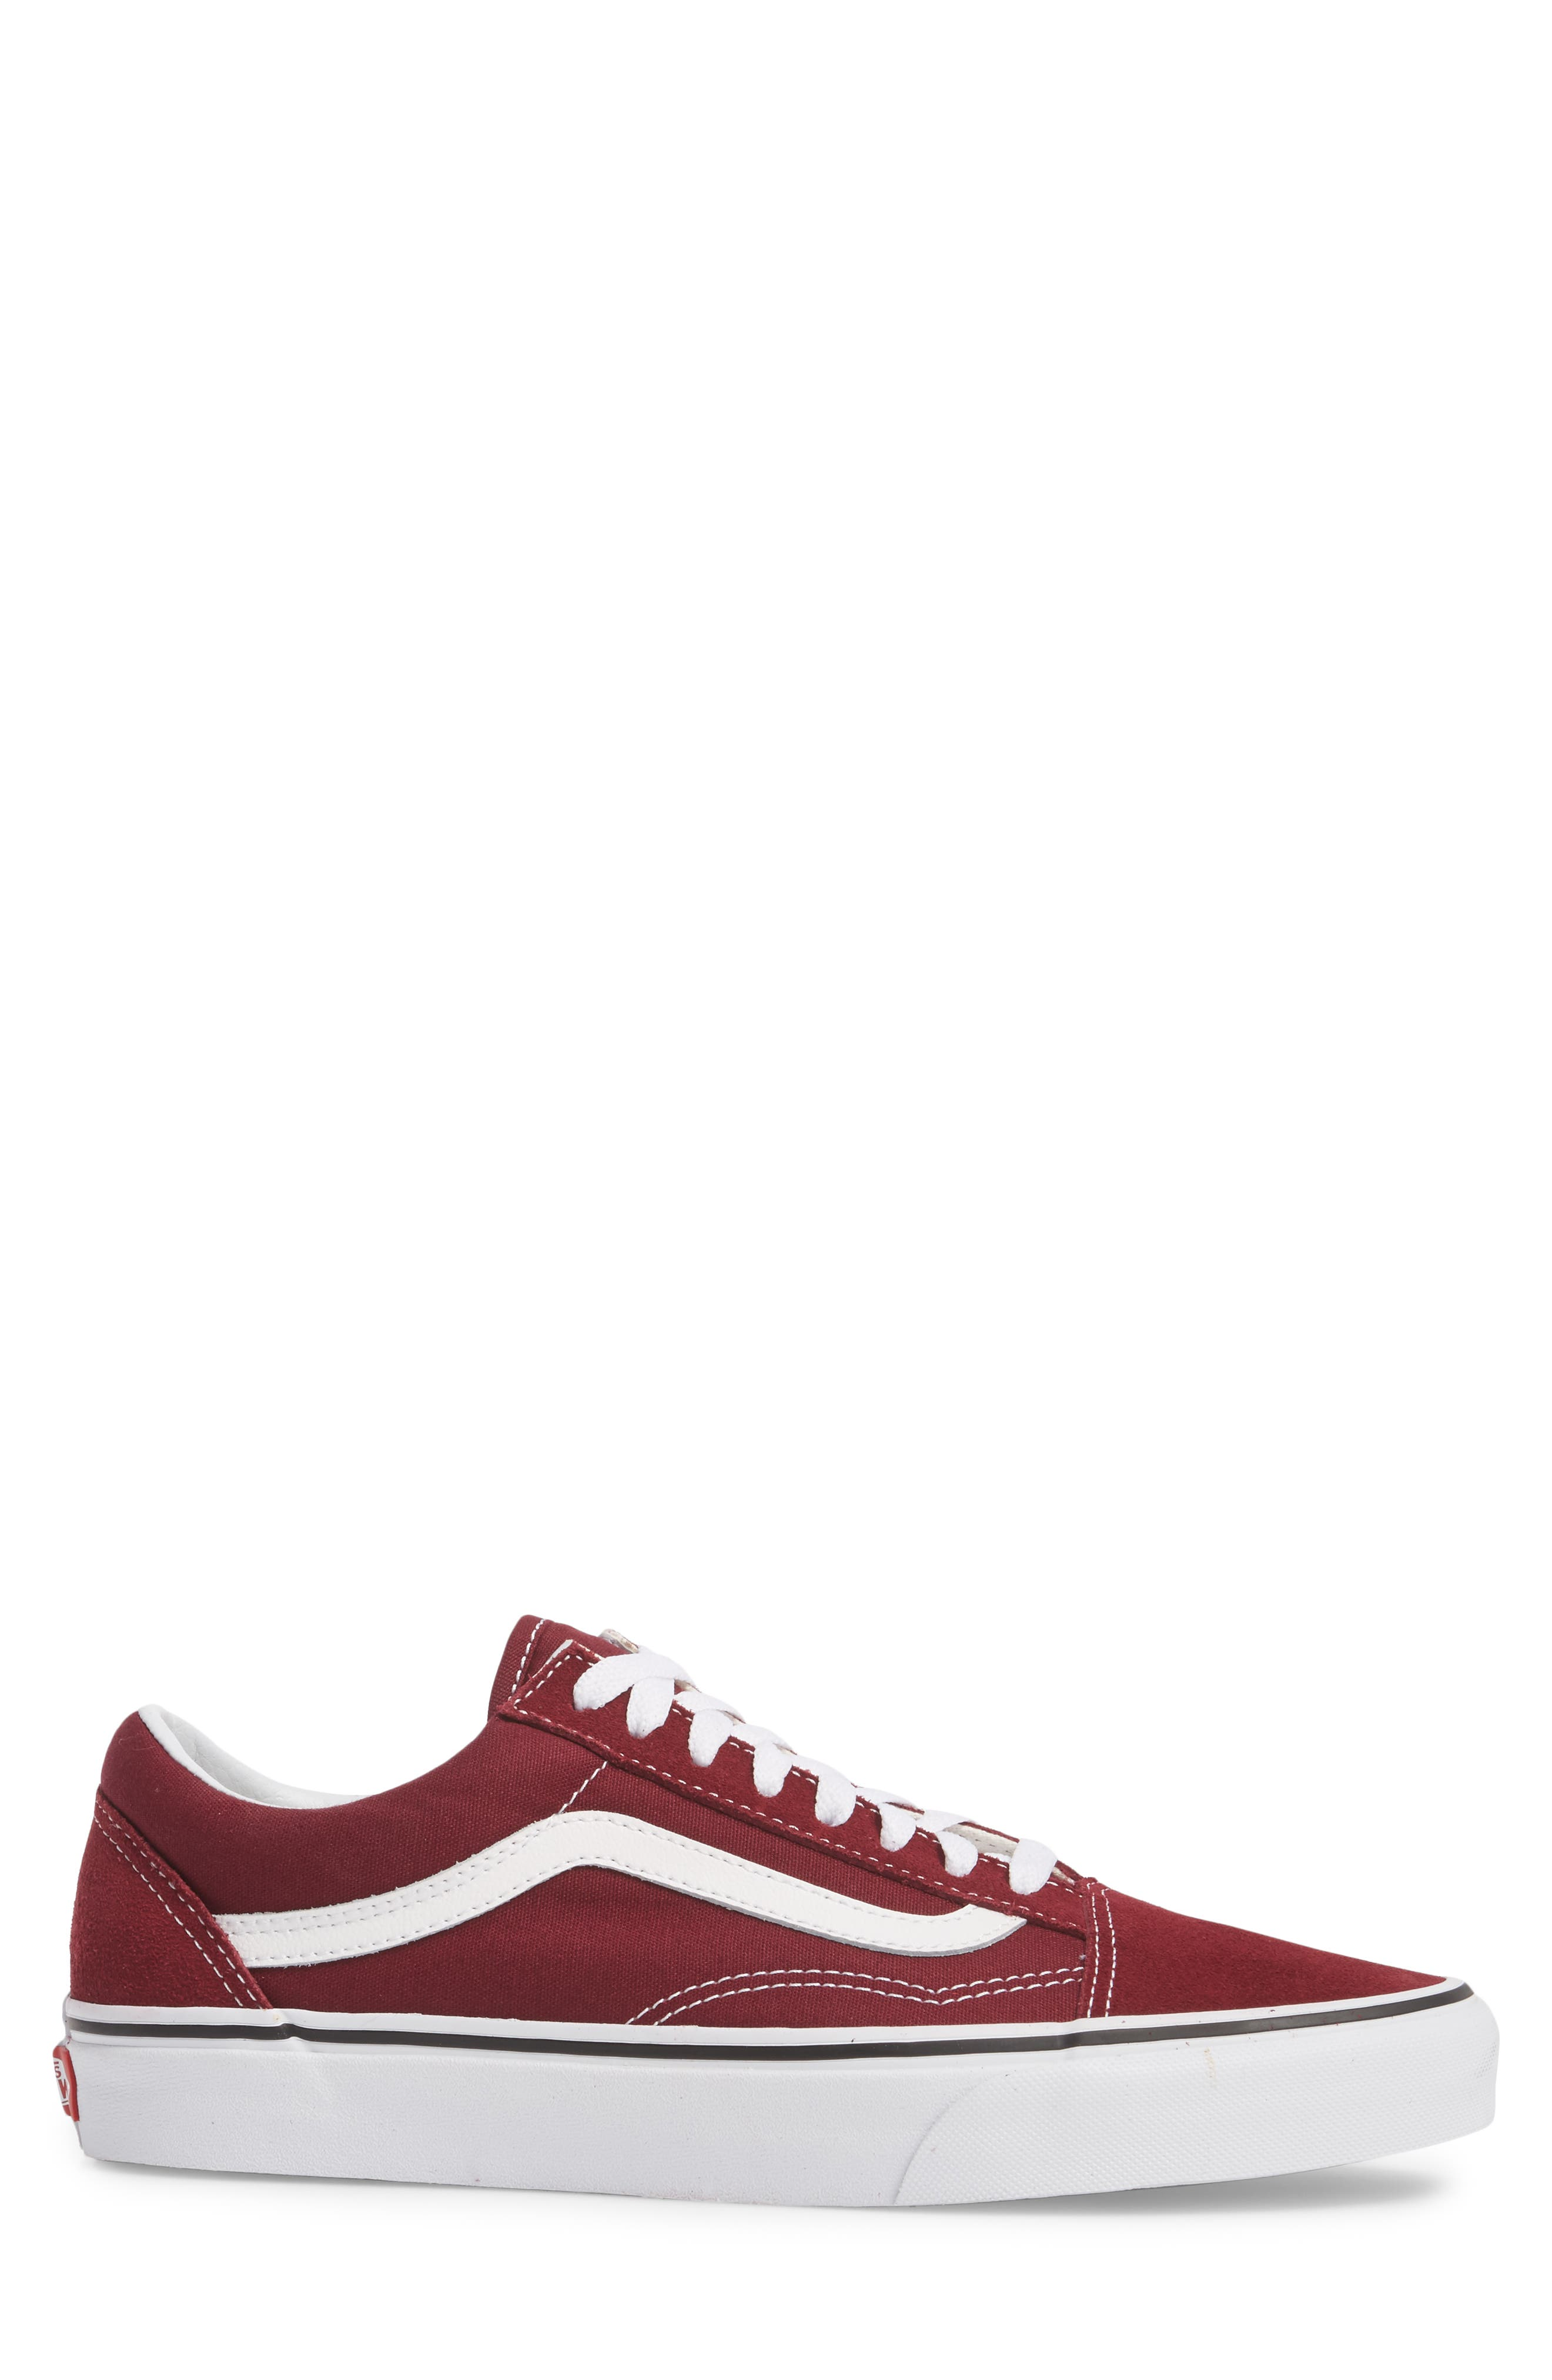 Alternate Image 3  - Vans 'Old Skool' Sneaker (Men)